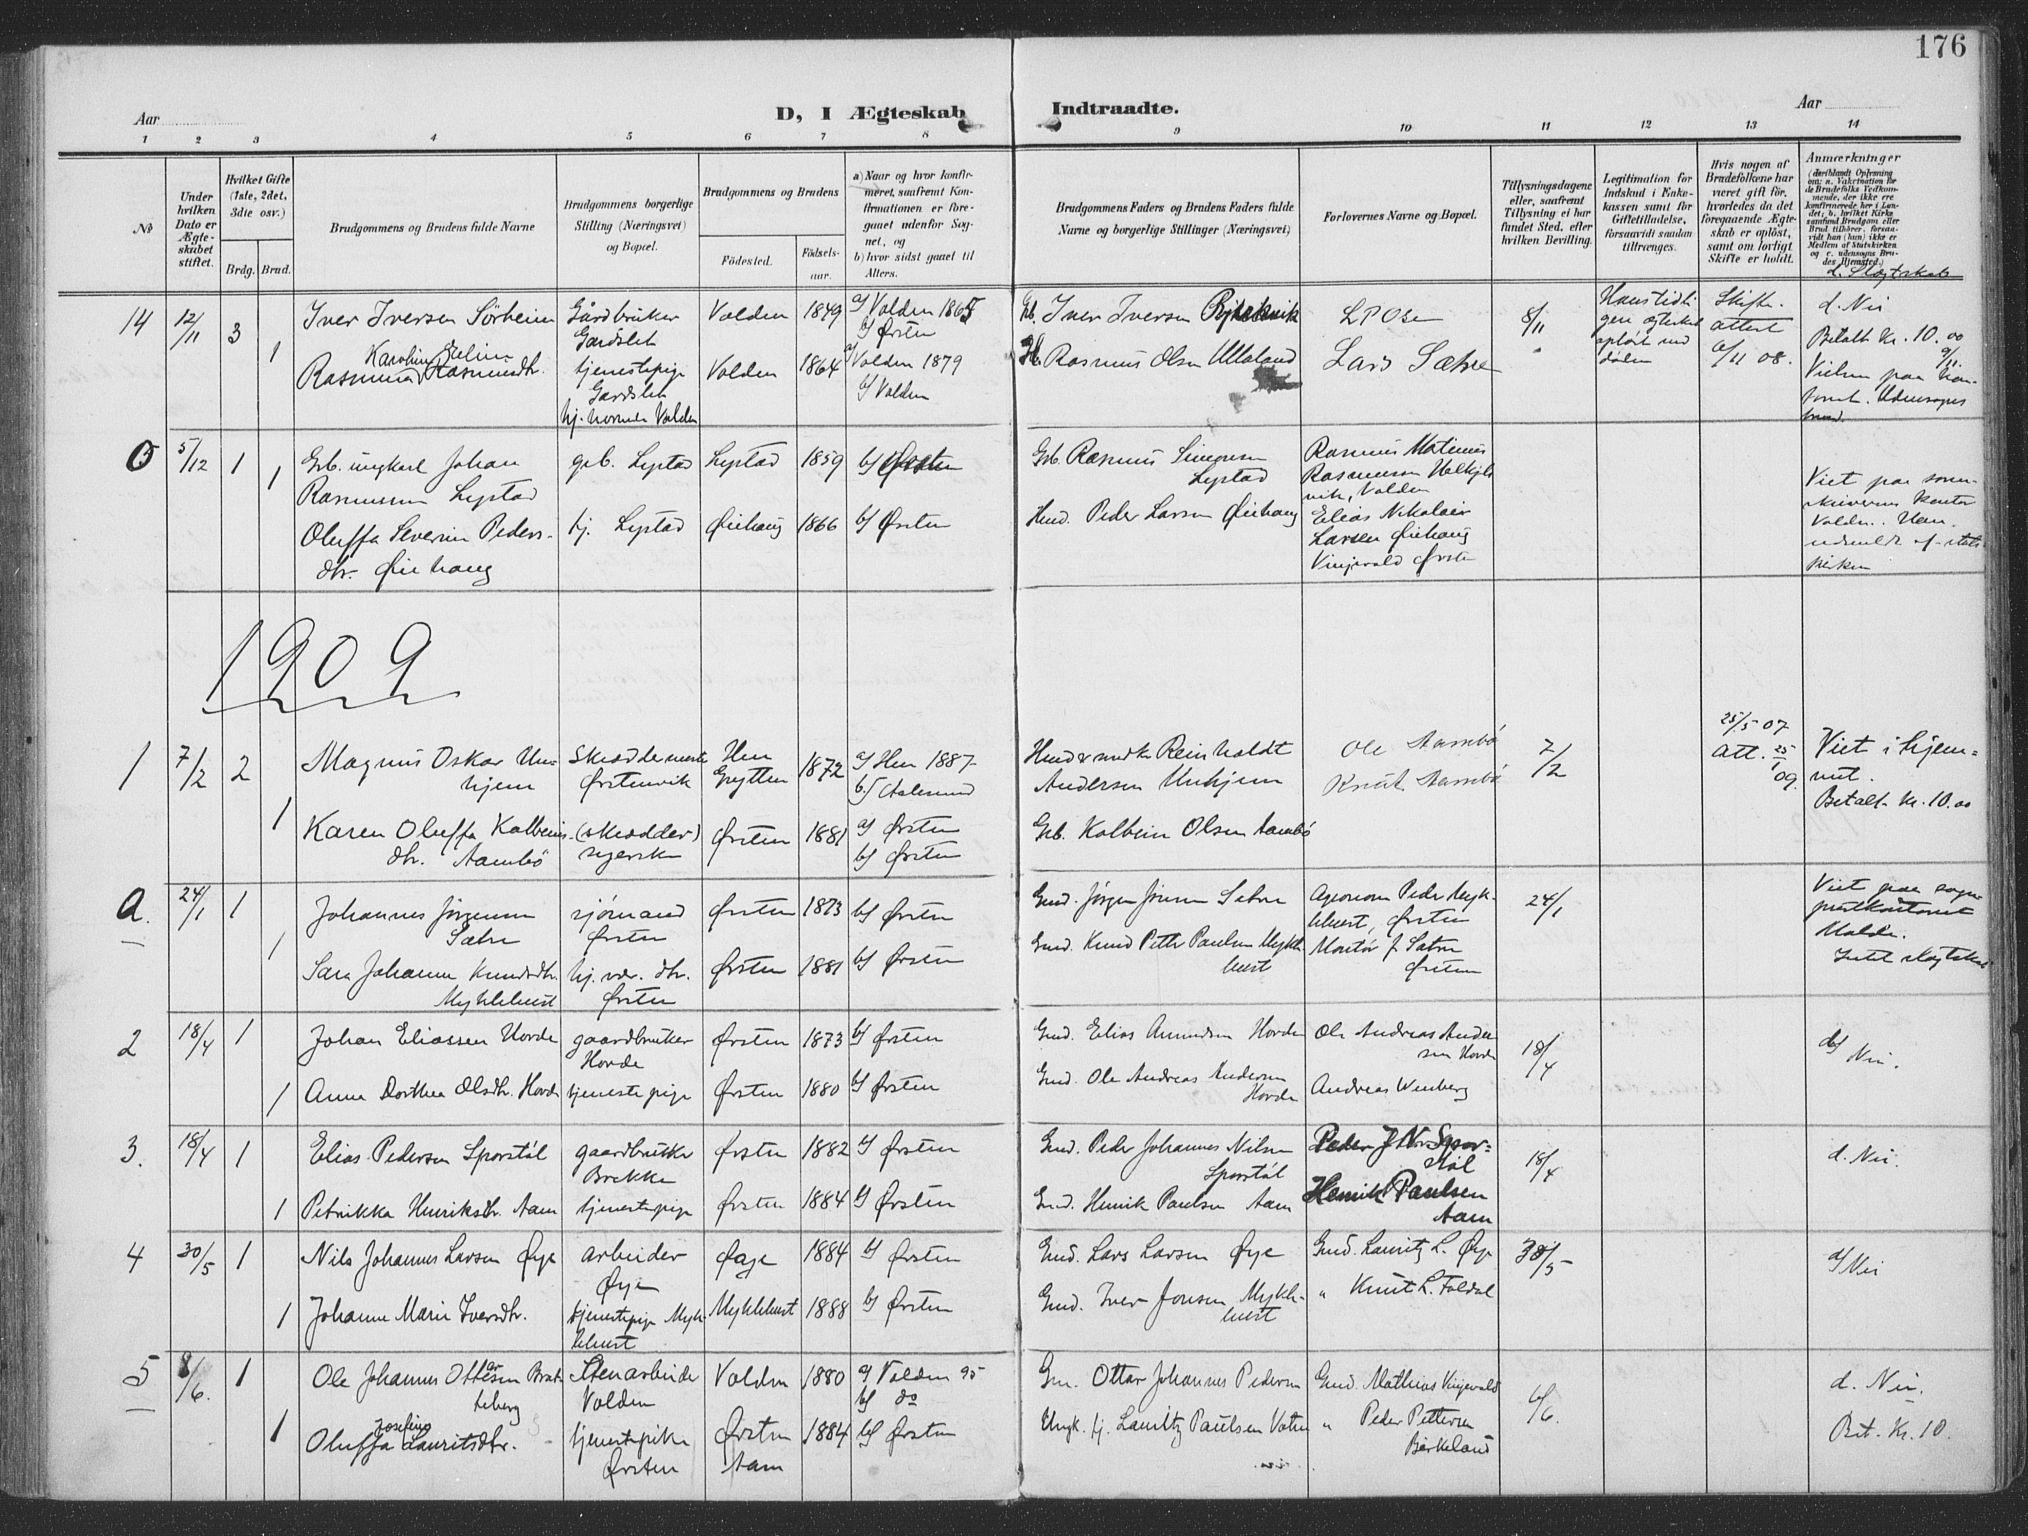 SAT, Ministerialprotokoller, klokkerbøker og fødselsregistre - Møre og Romsdal, 513/L0178: Parish register (official) no. 513A05, 1906-1919, p. 176